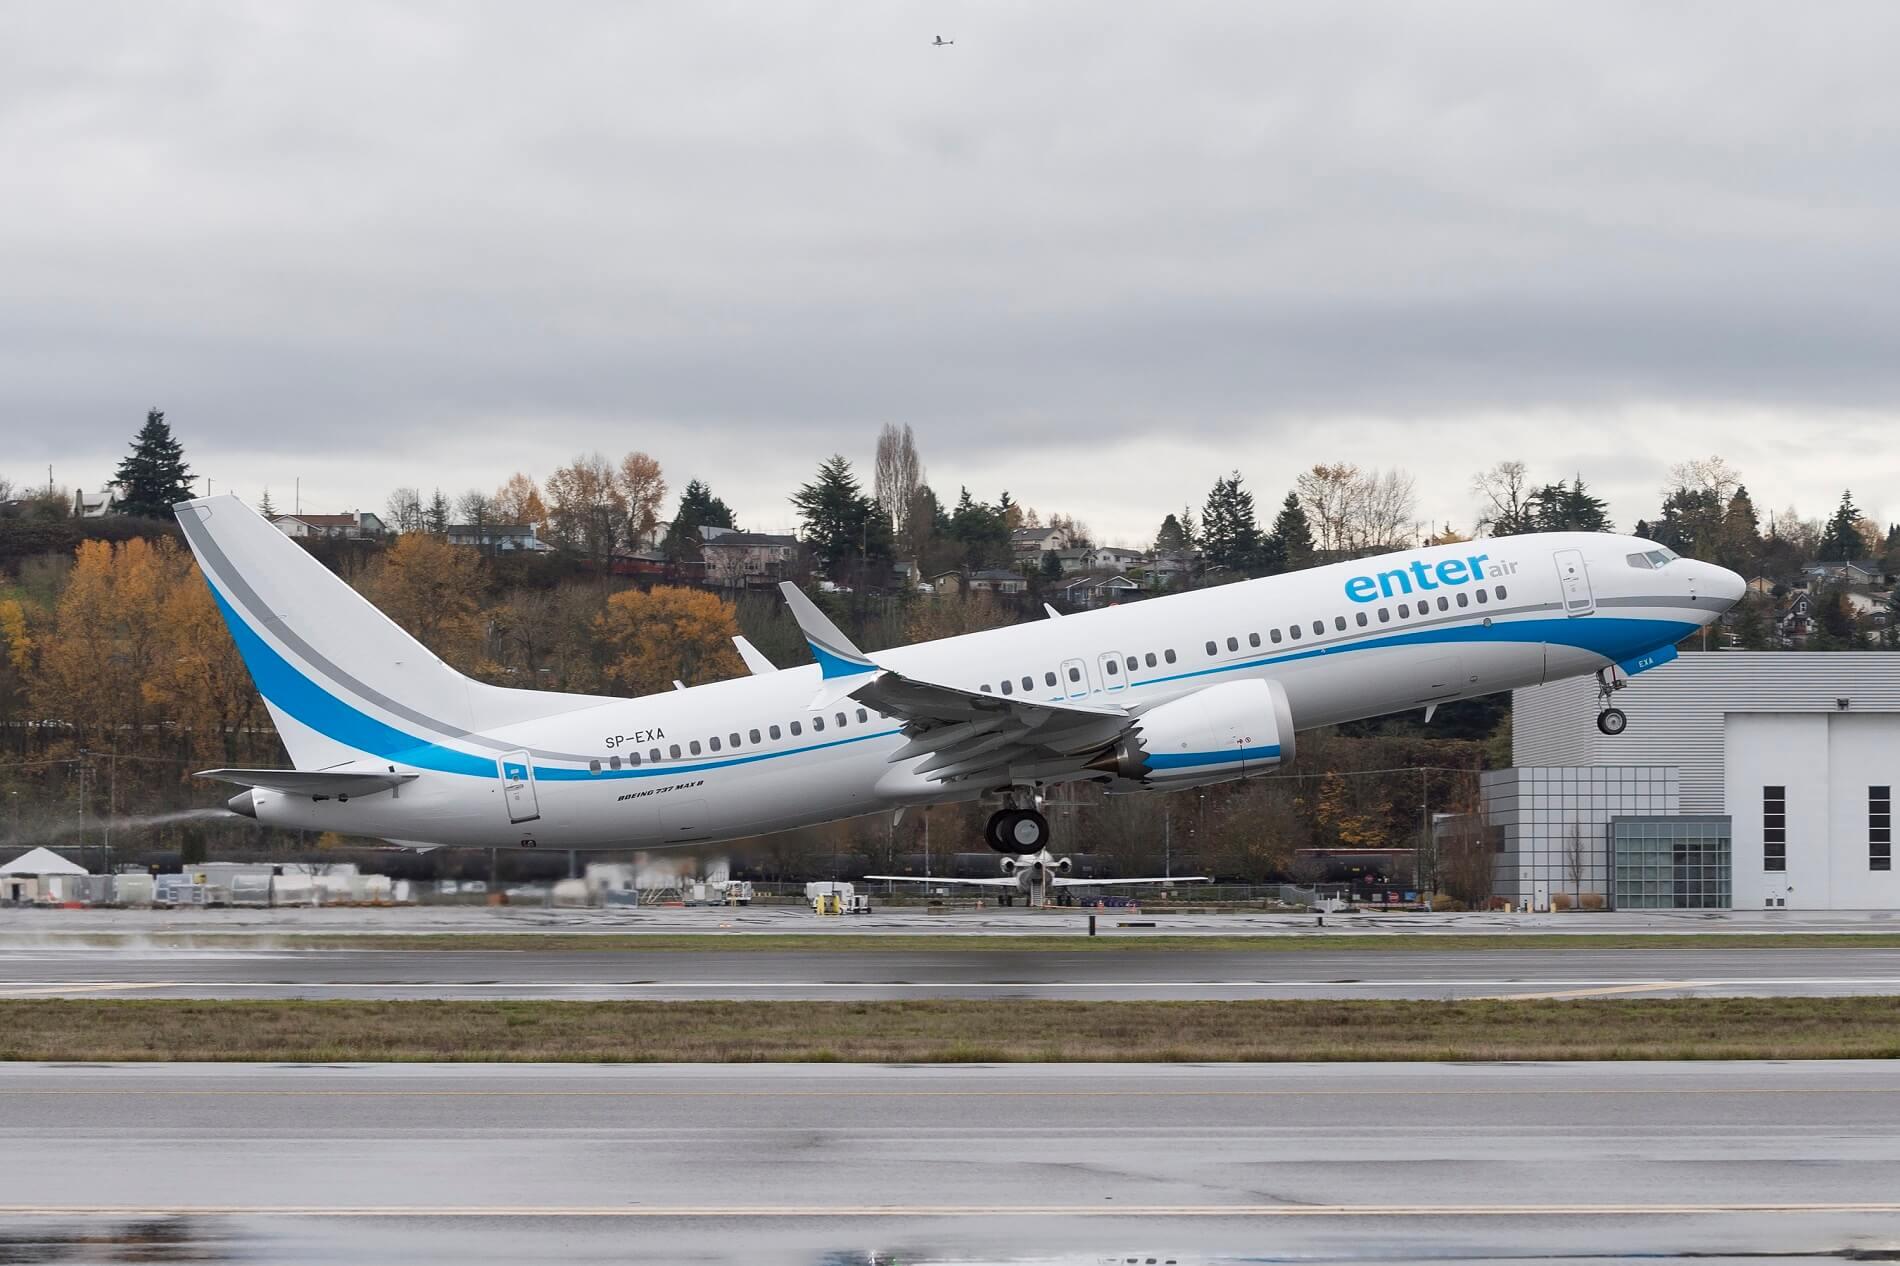 En Boeing 737 MAX 8 fra det polske charterflyselskab Enter Air. Foto: Boeing